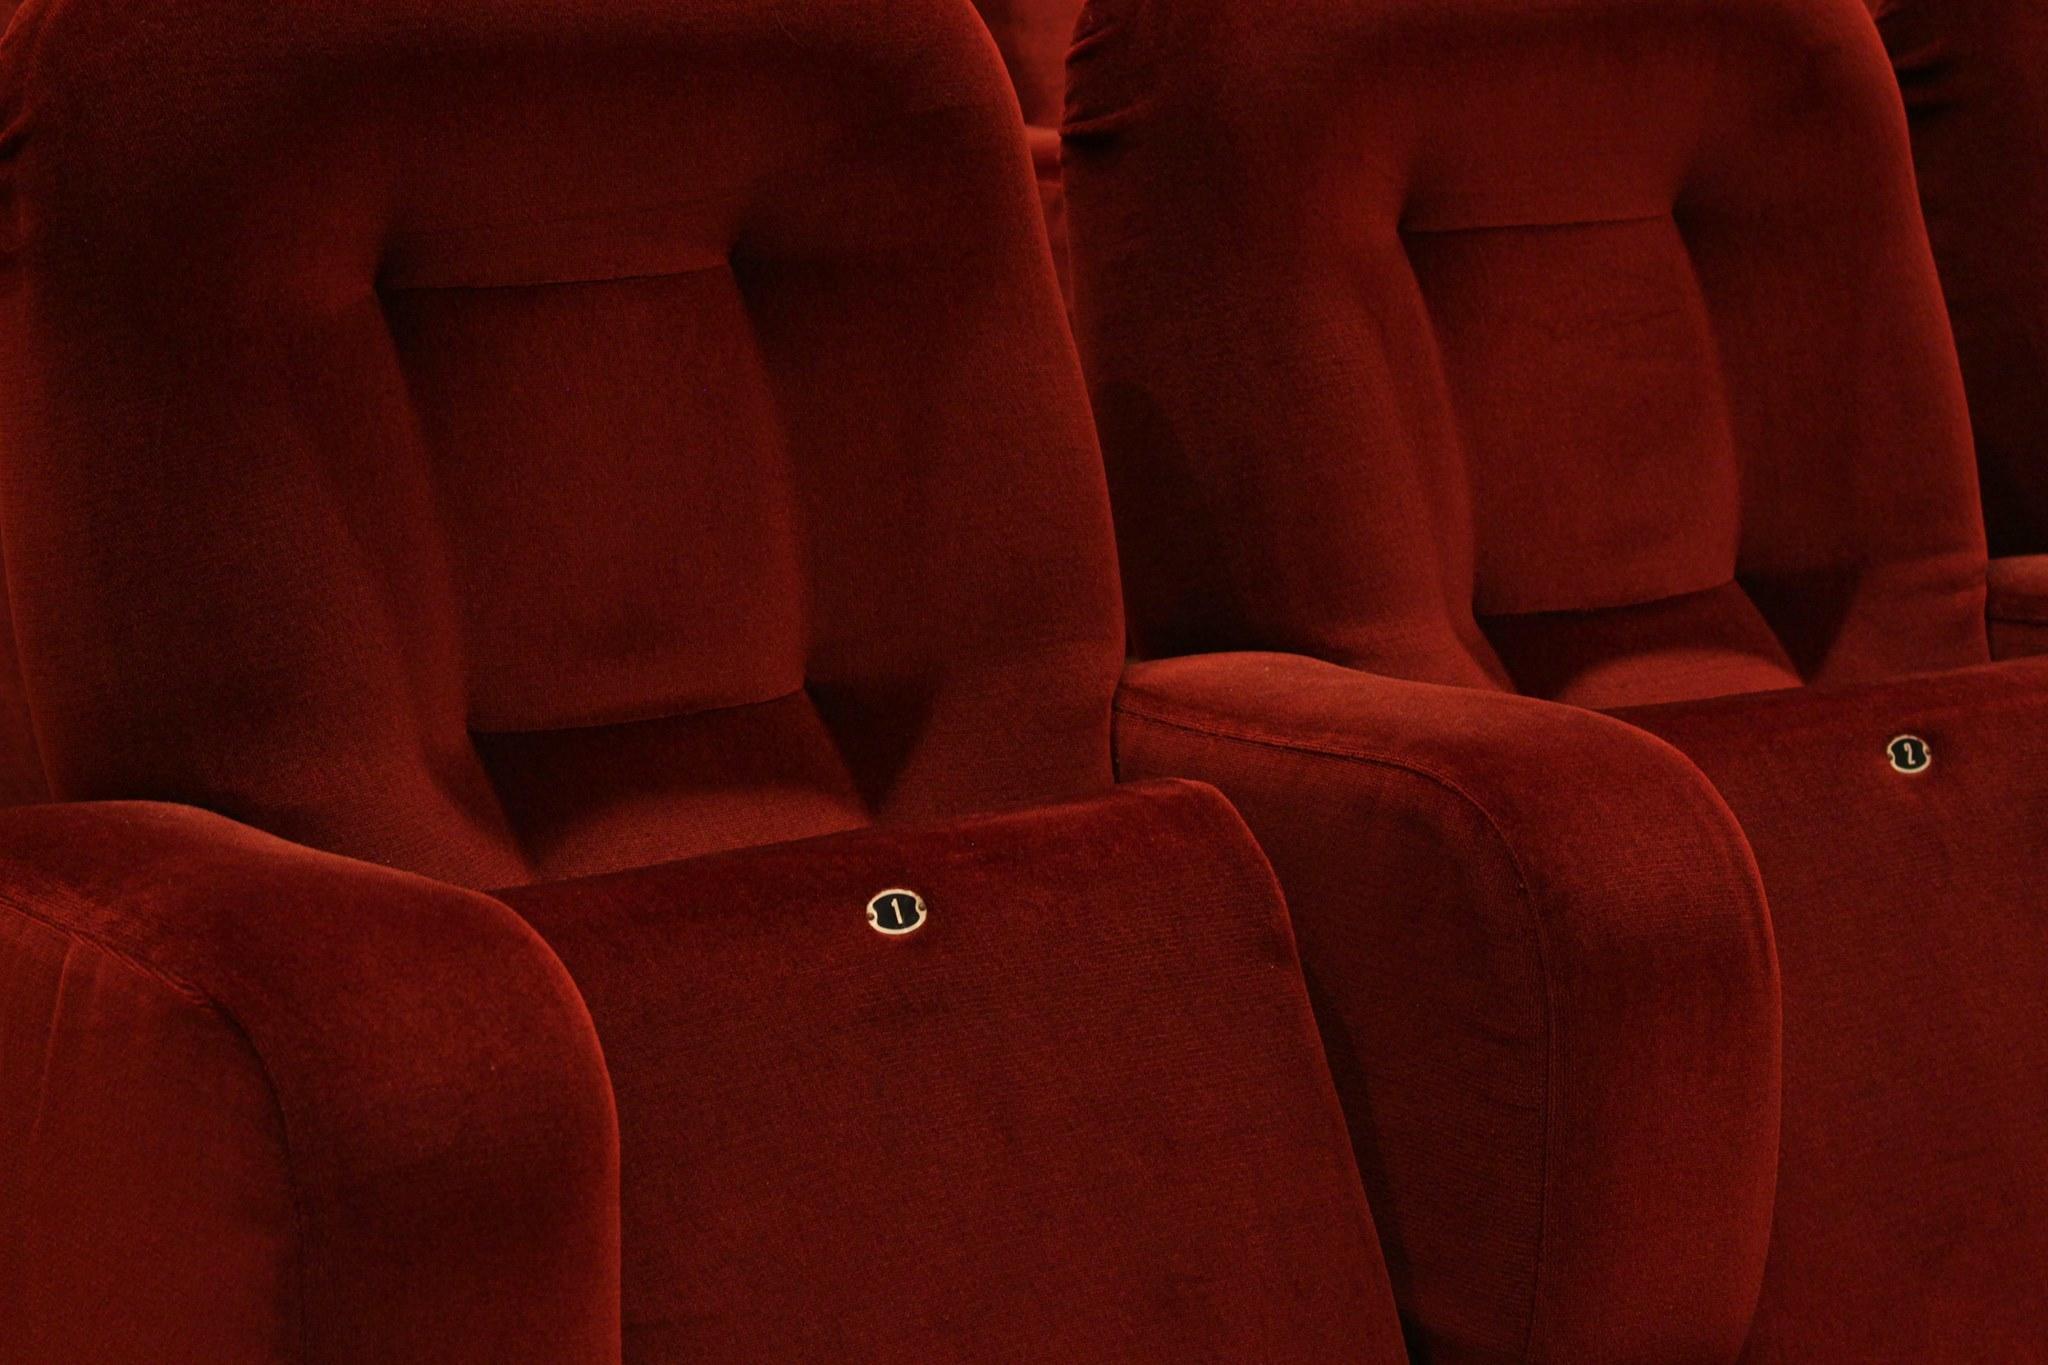 Cineclube da Maia